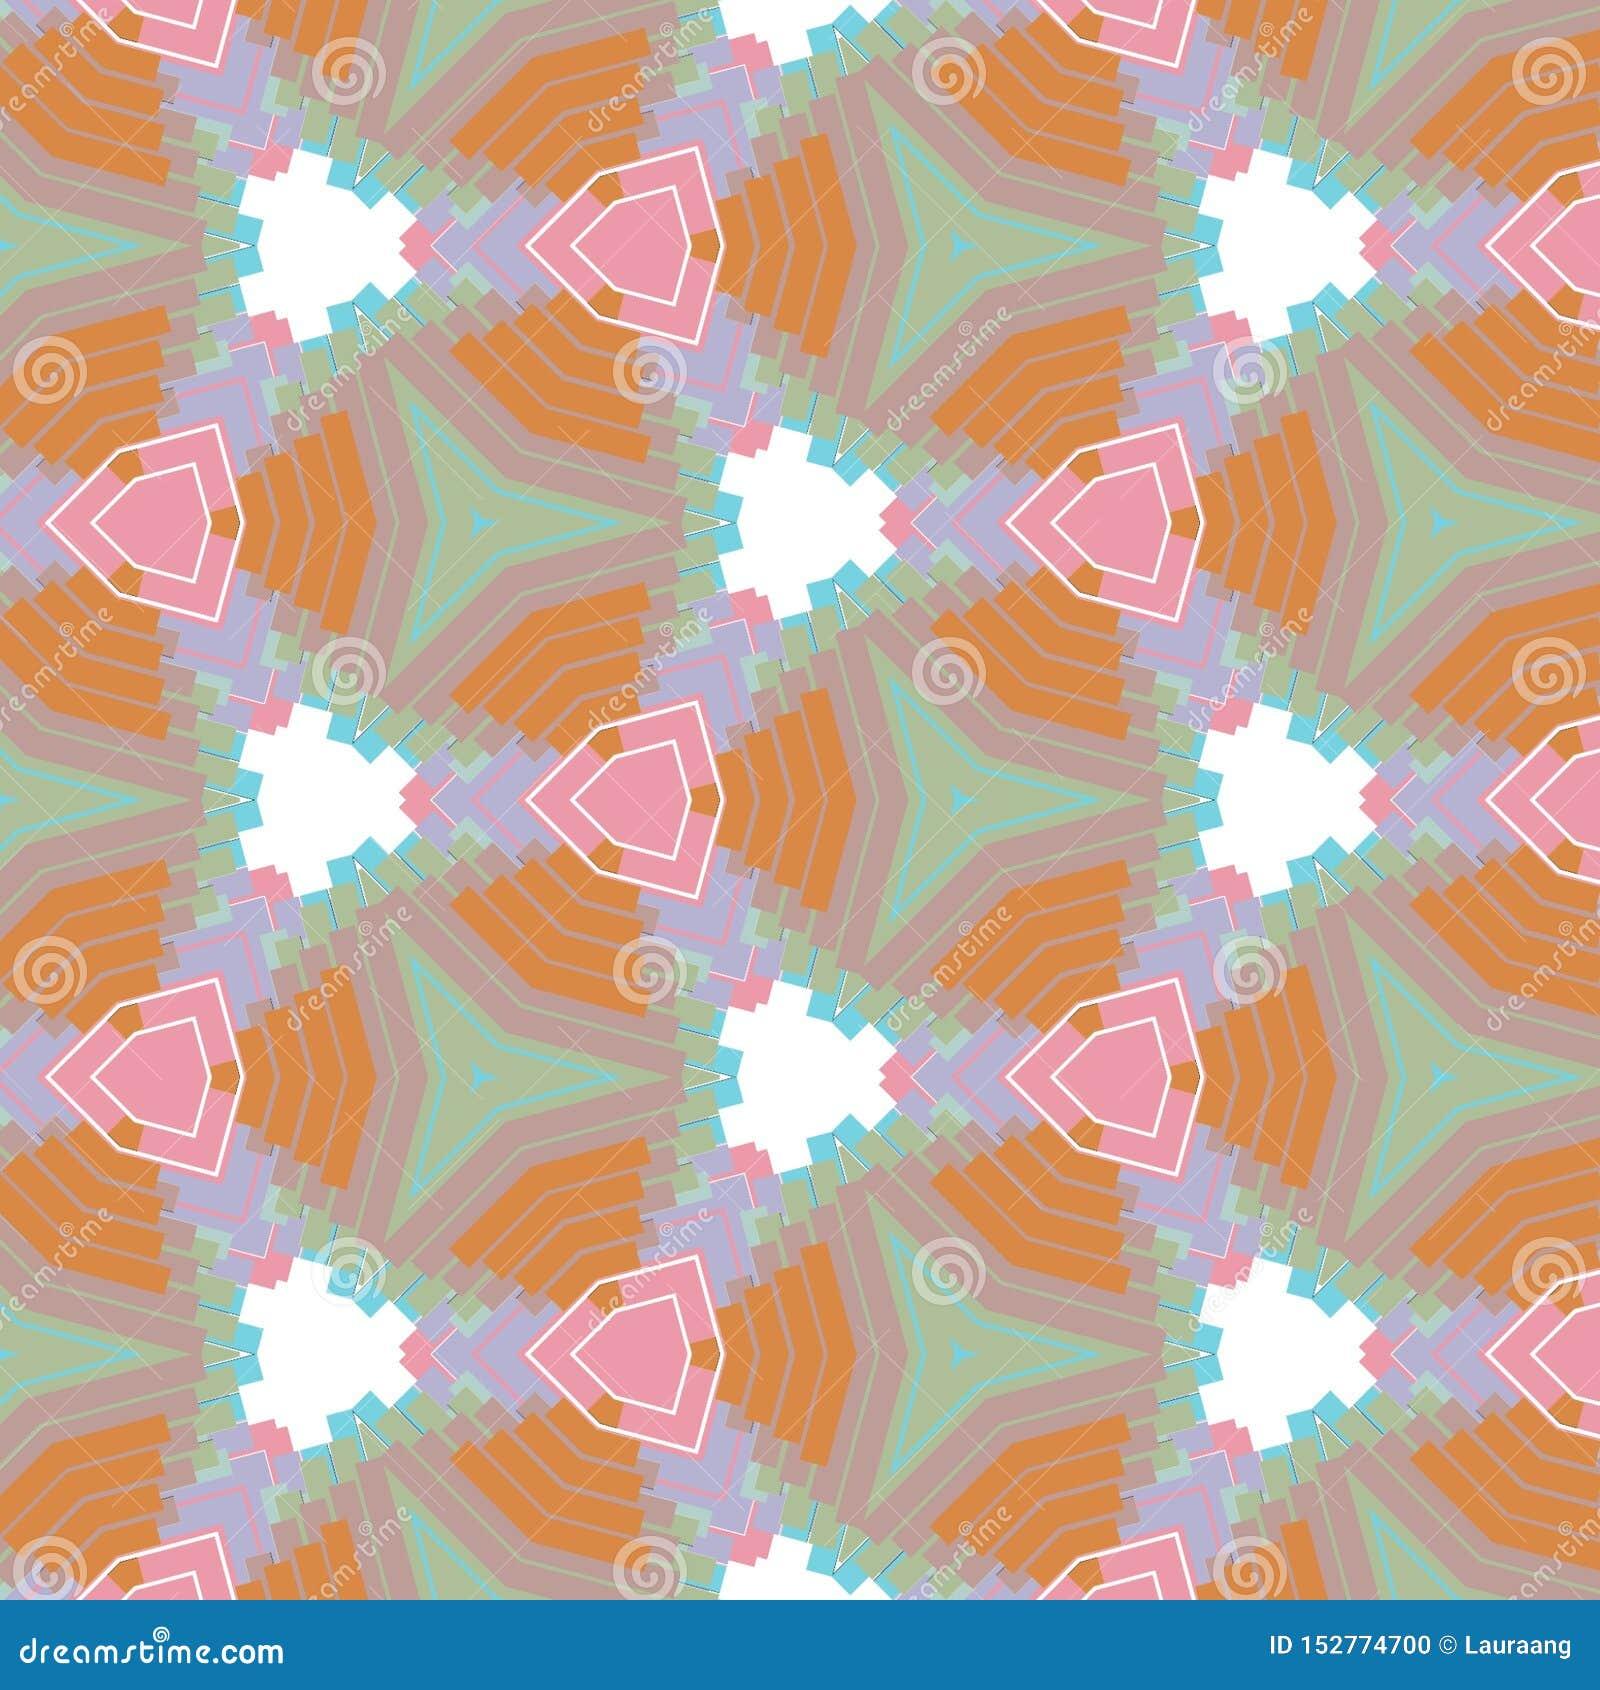 Caleidoscope-Grafikdesign-Farbhintergrund mit dem Rosa, violett, Orange, Blaulichtfarben